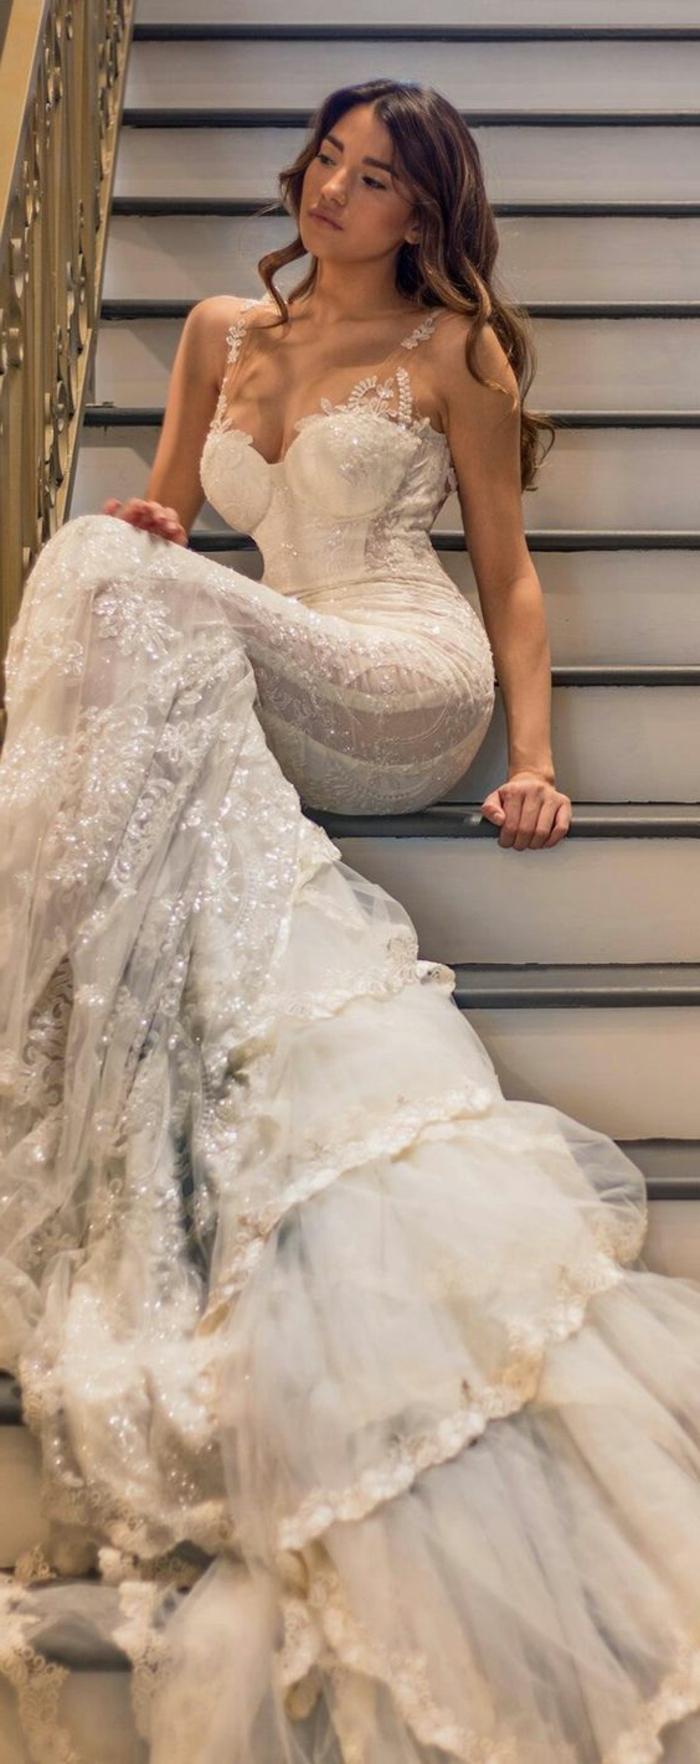 robe de mariée colorée, robe de couleur champagne collée au corps et coiffure cheveux longs ondulants